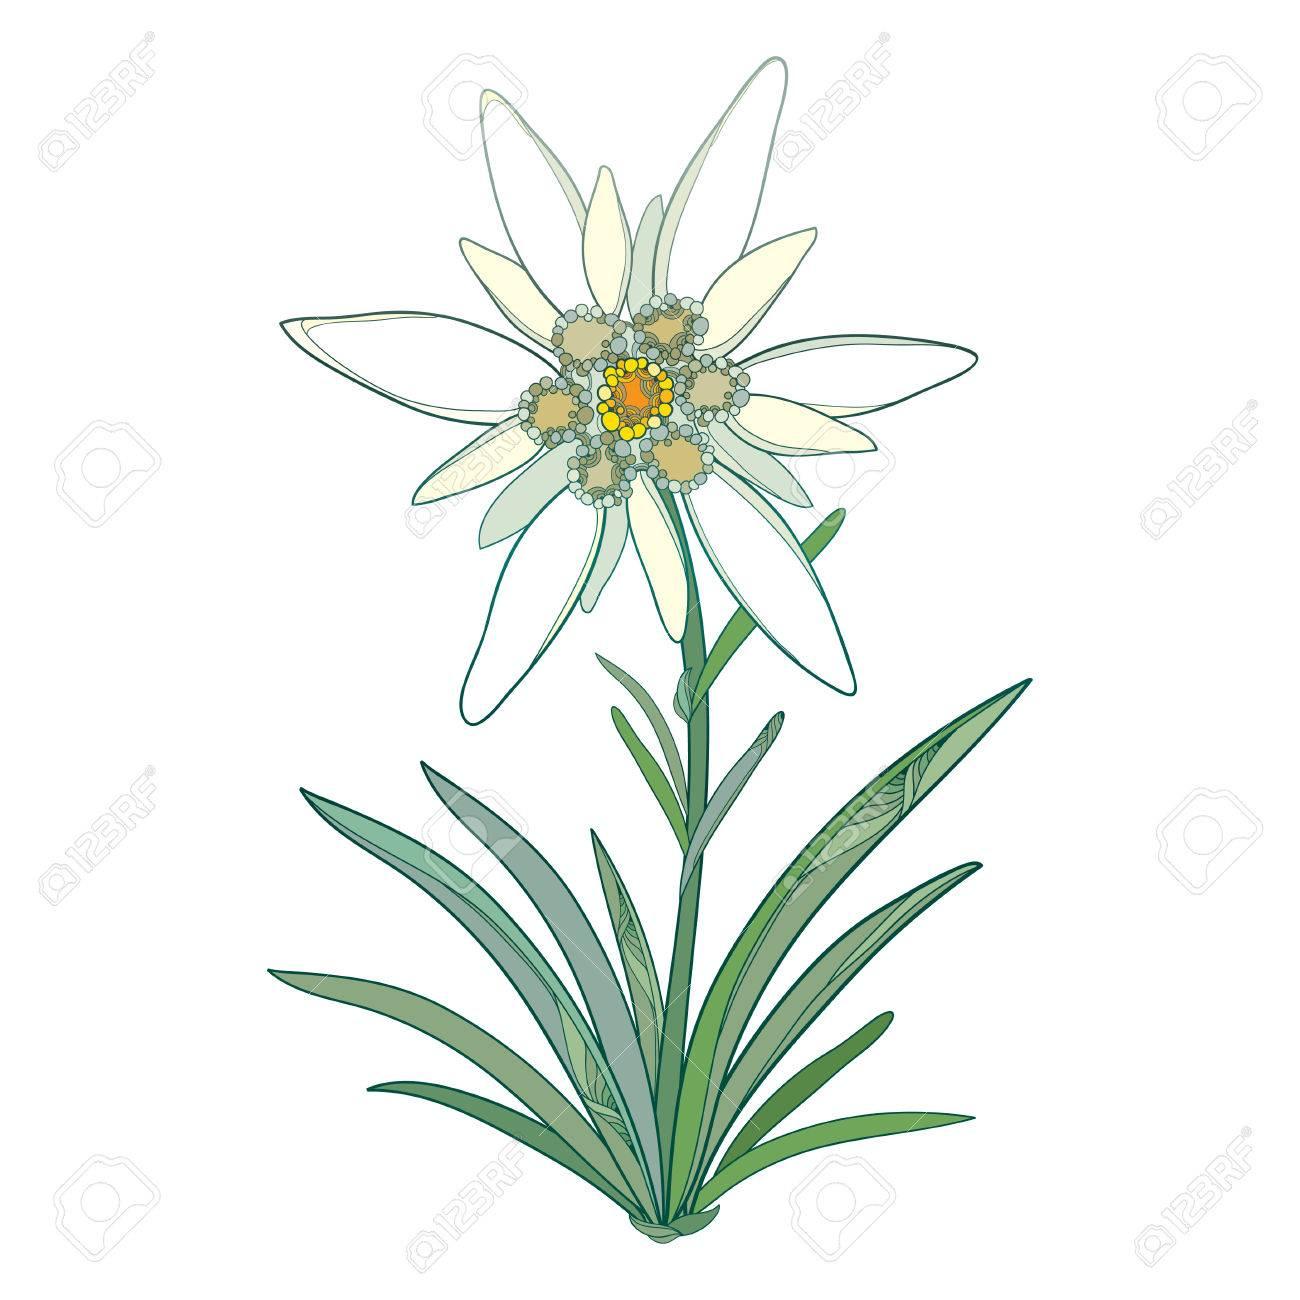 Coloriage Fleur Edelweiss.Edelweiss Orne Ou Leontopodium Alpinum Floraison Fleur Et Feuilles